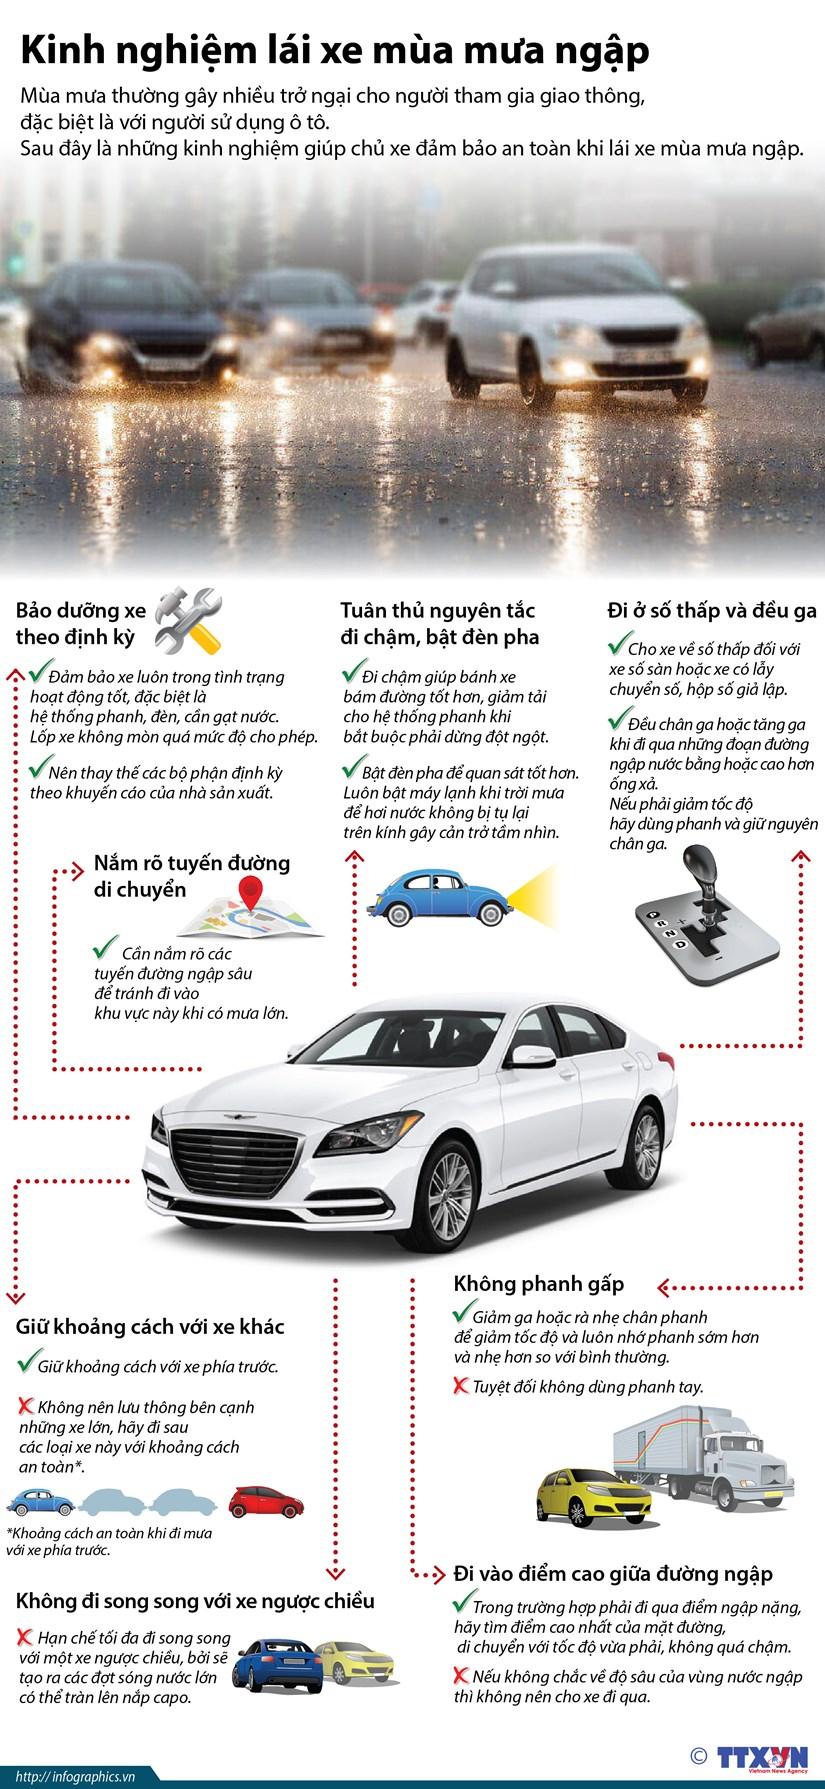 [Infographics] Kinh nghiem de lai xe an toan mua mua ngap hinh anh 1